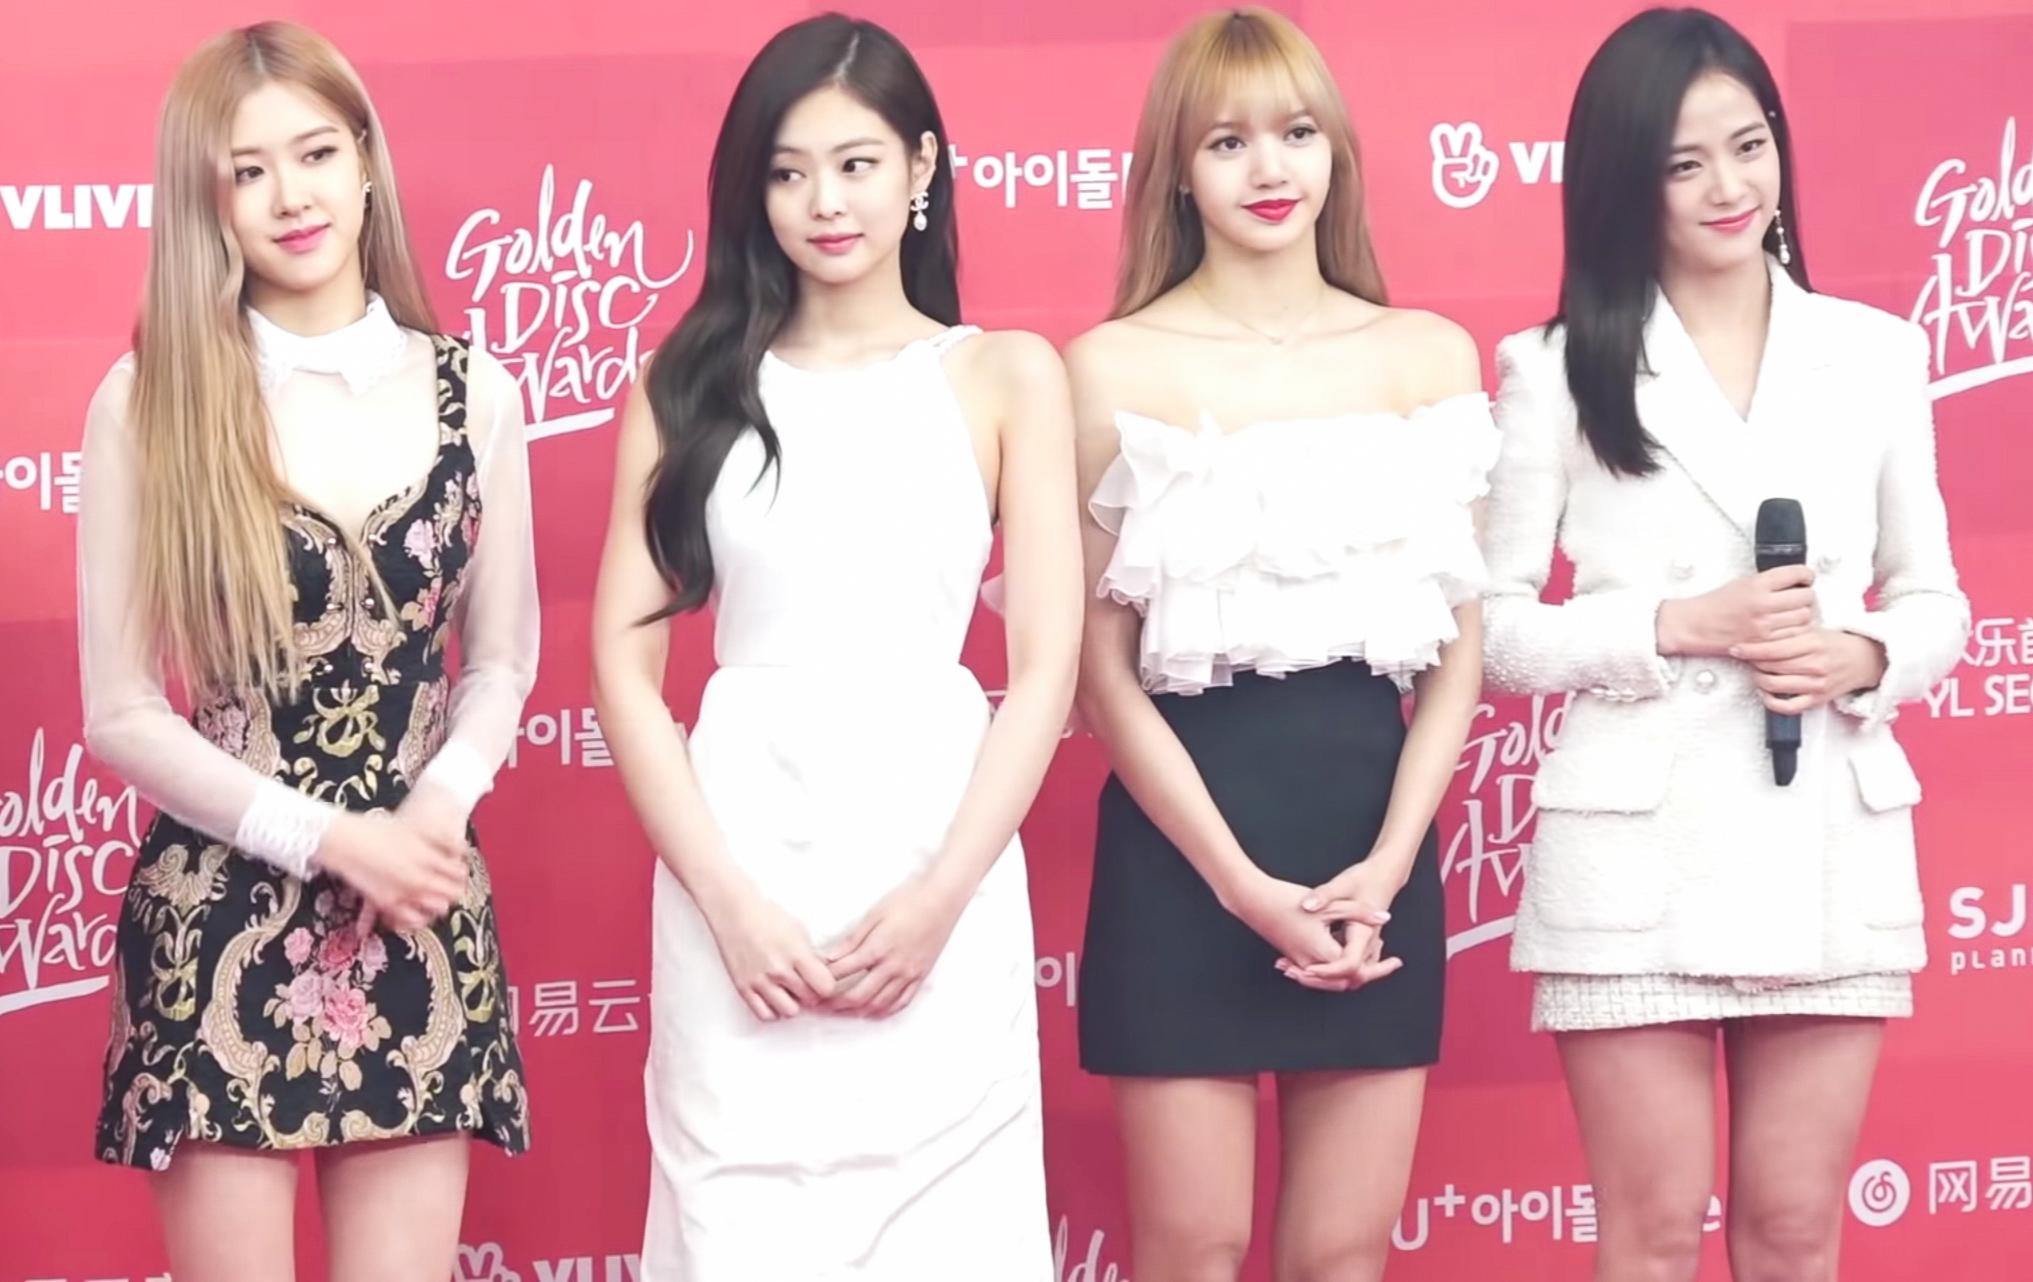 File:20190106 (NEWSEN) 블랙핑크 (BLACKPINK), 수줍은 많은 소녀지만 돋보이는 아름다운 미모 (Golden Disc Awards 2019) (2).jpg